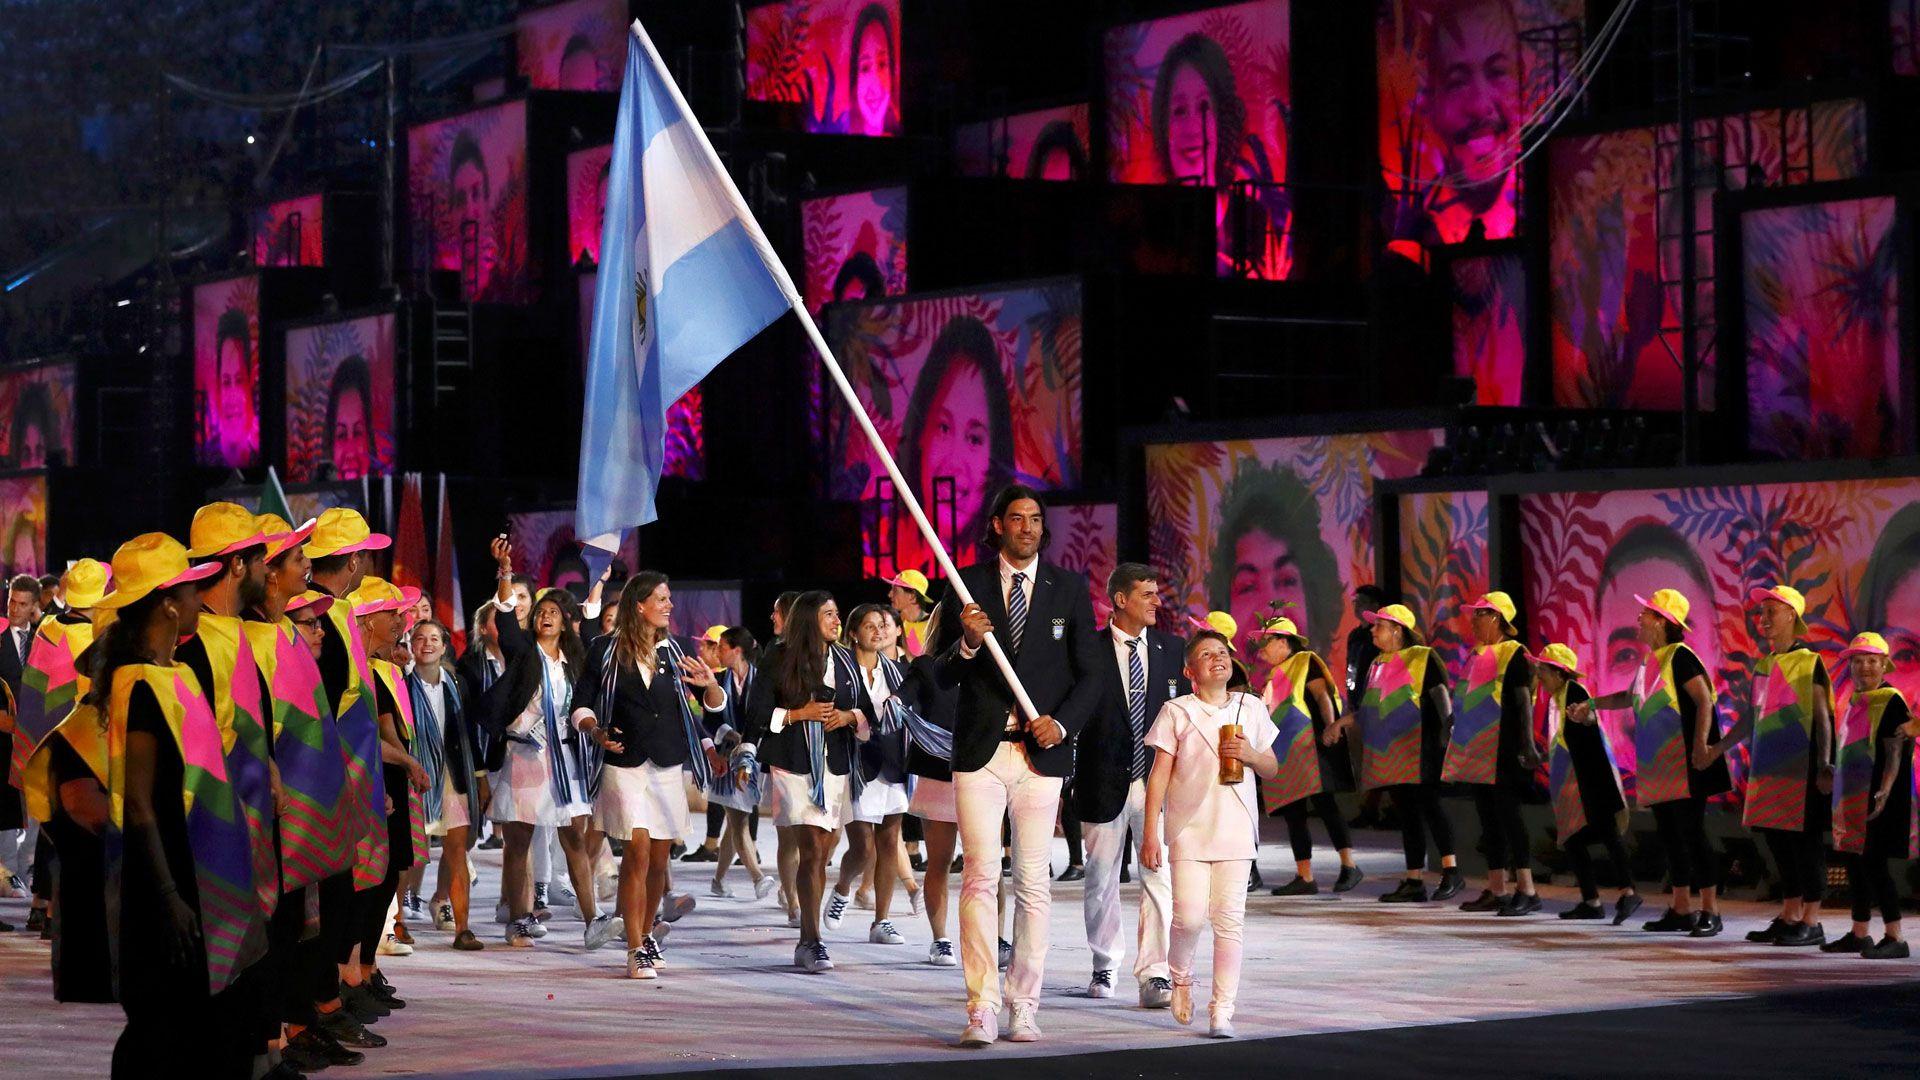 Luis Scola encabezó a la delegación en la ceremonia de apertura de Río 2016 en el Maracaná (Reuters)